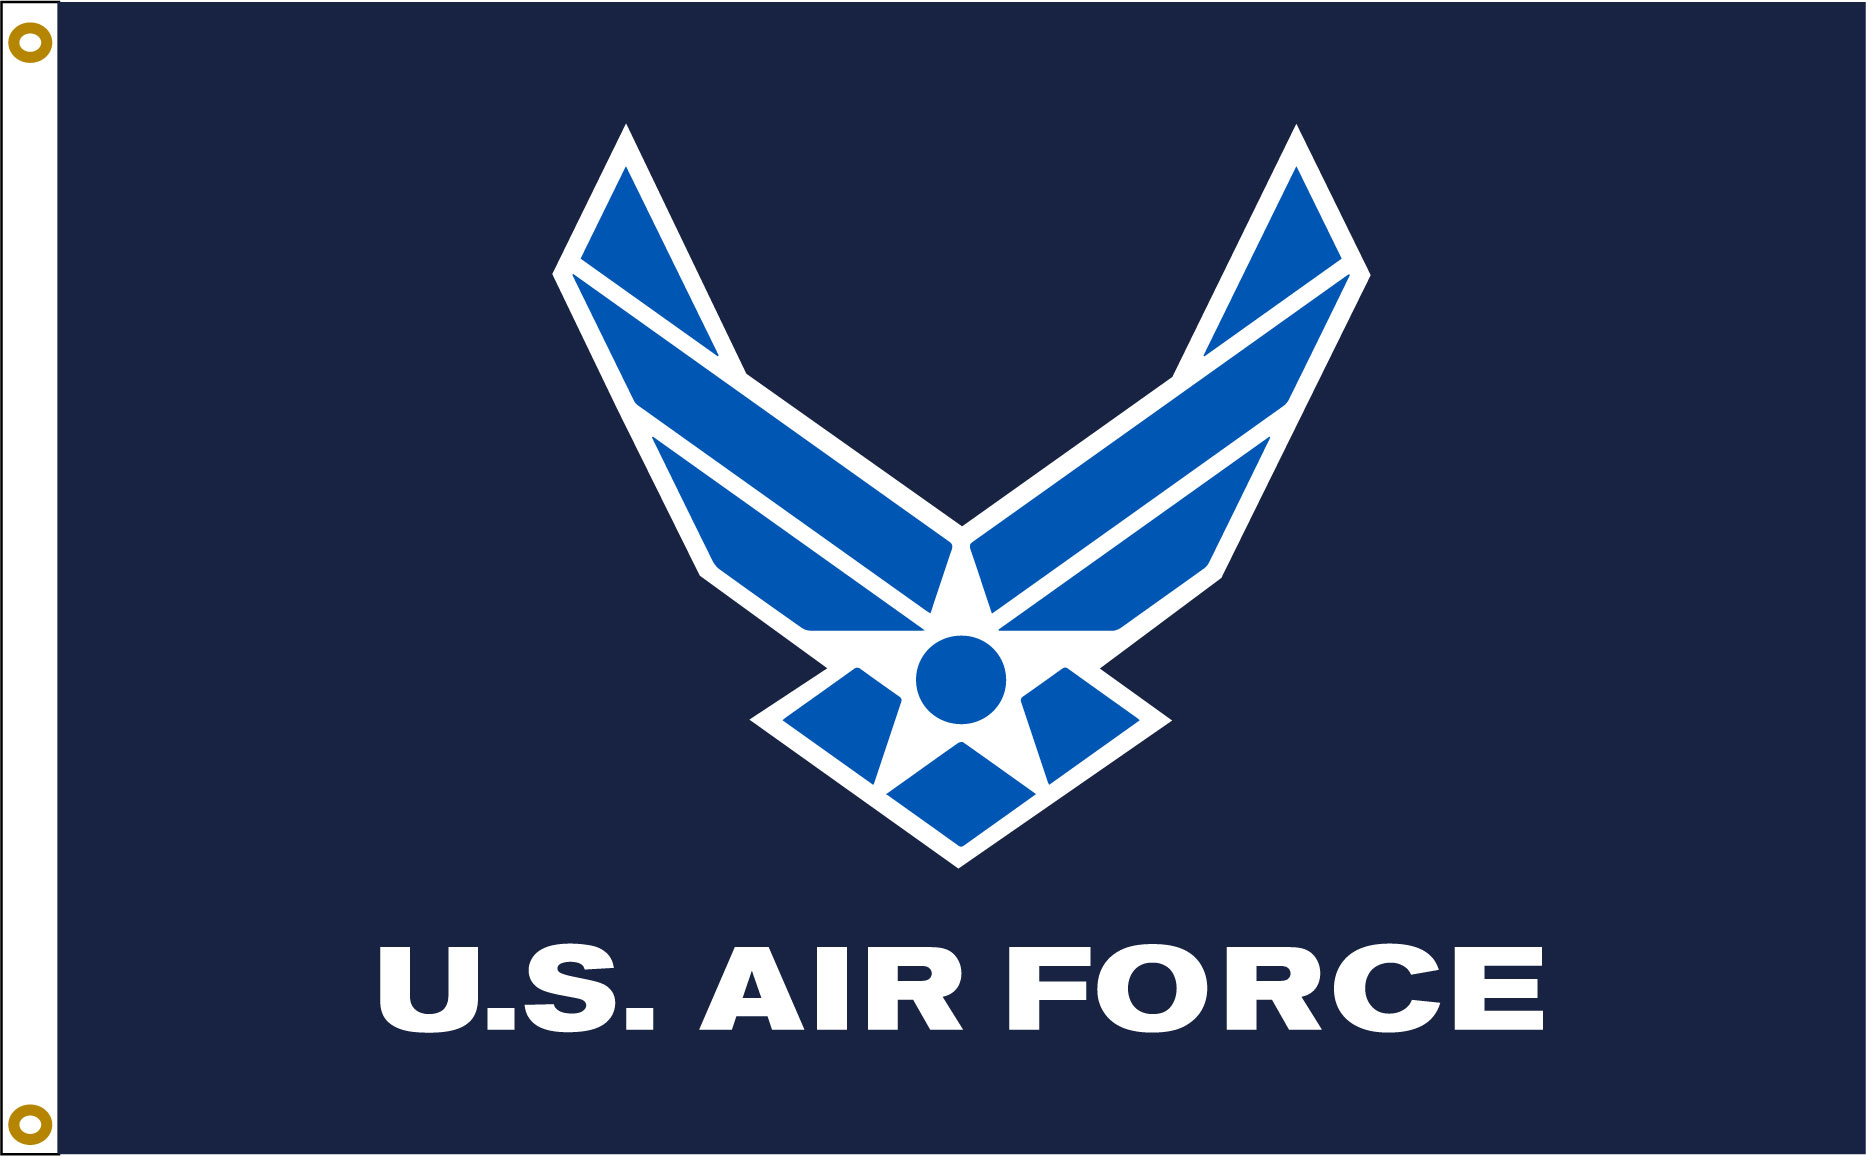 US Air Force Wings 3_5 flag